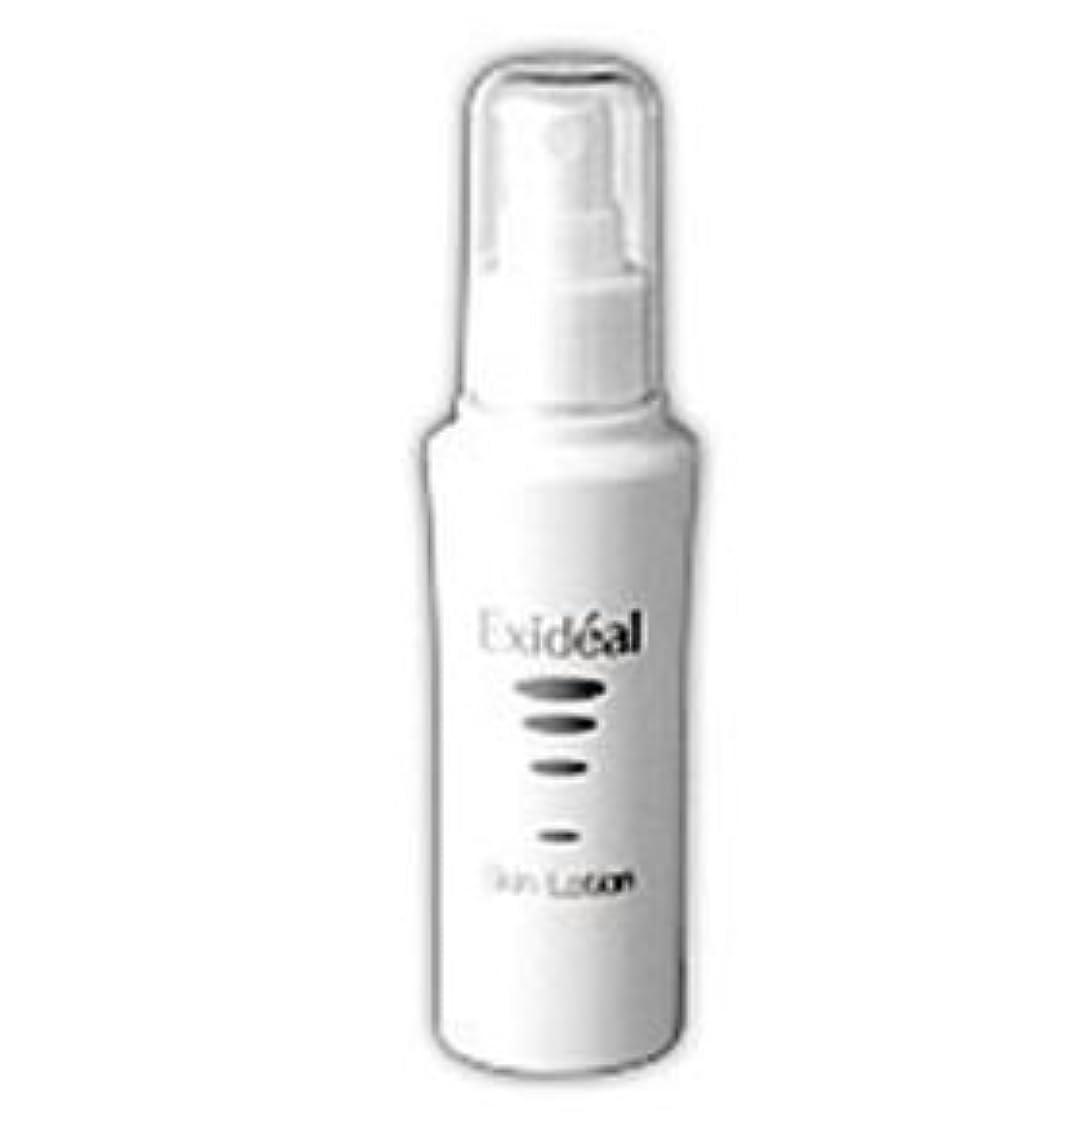 こする謎残高LED美顔器エクスイディアル Exideal 専用化粧水